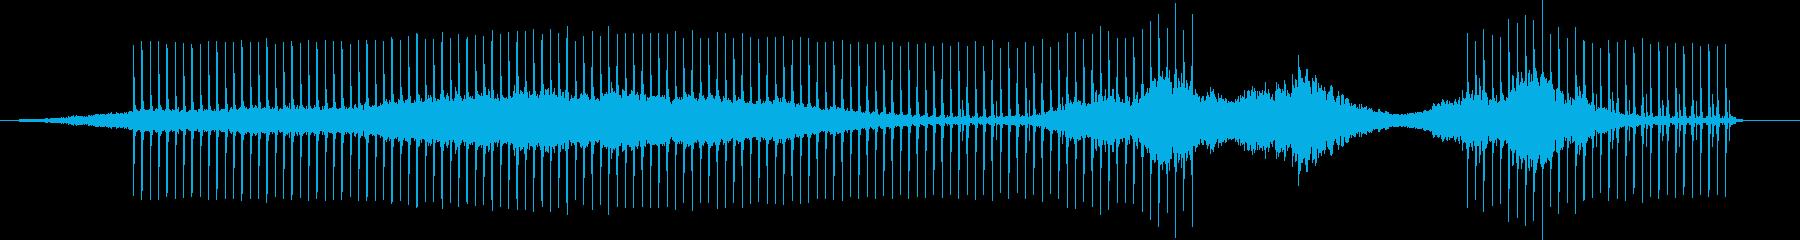 電気環境研究所Spacey-hyp...の再生済みの波形